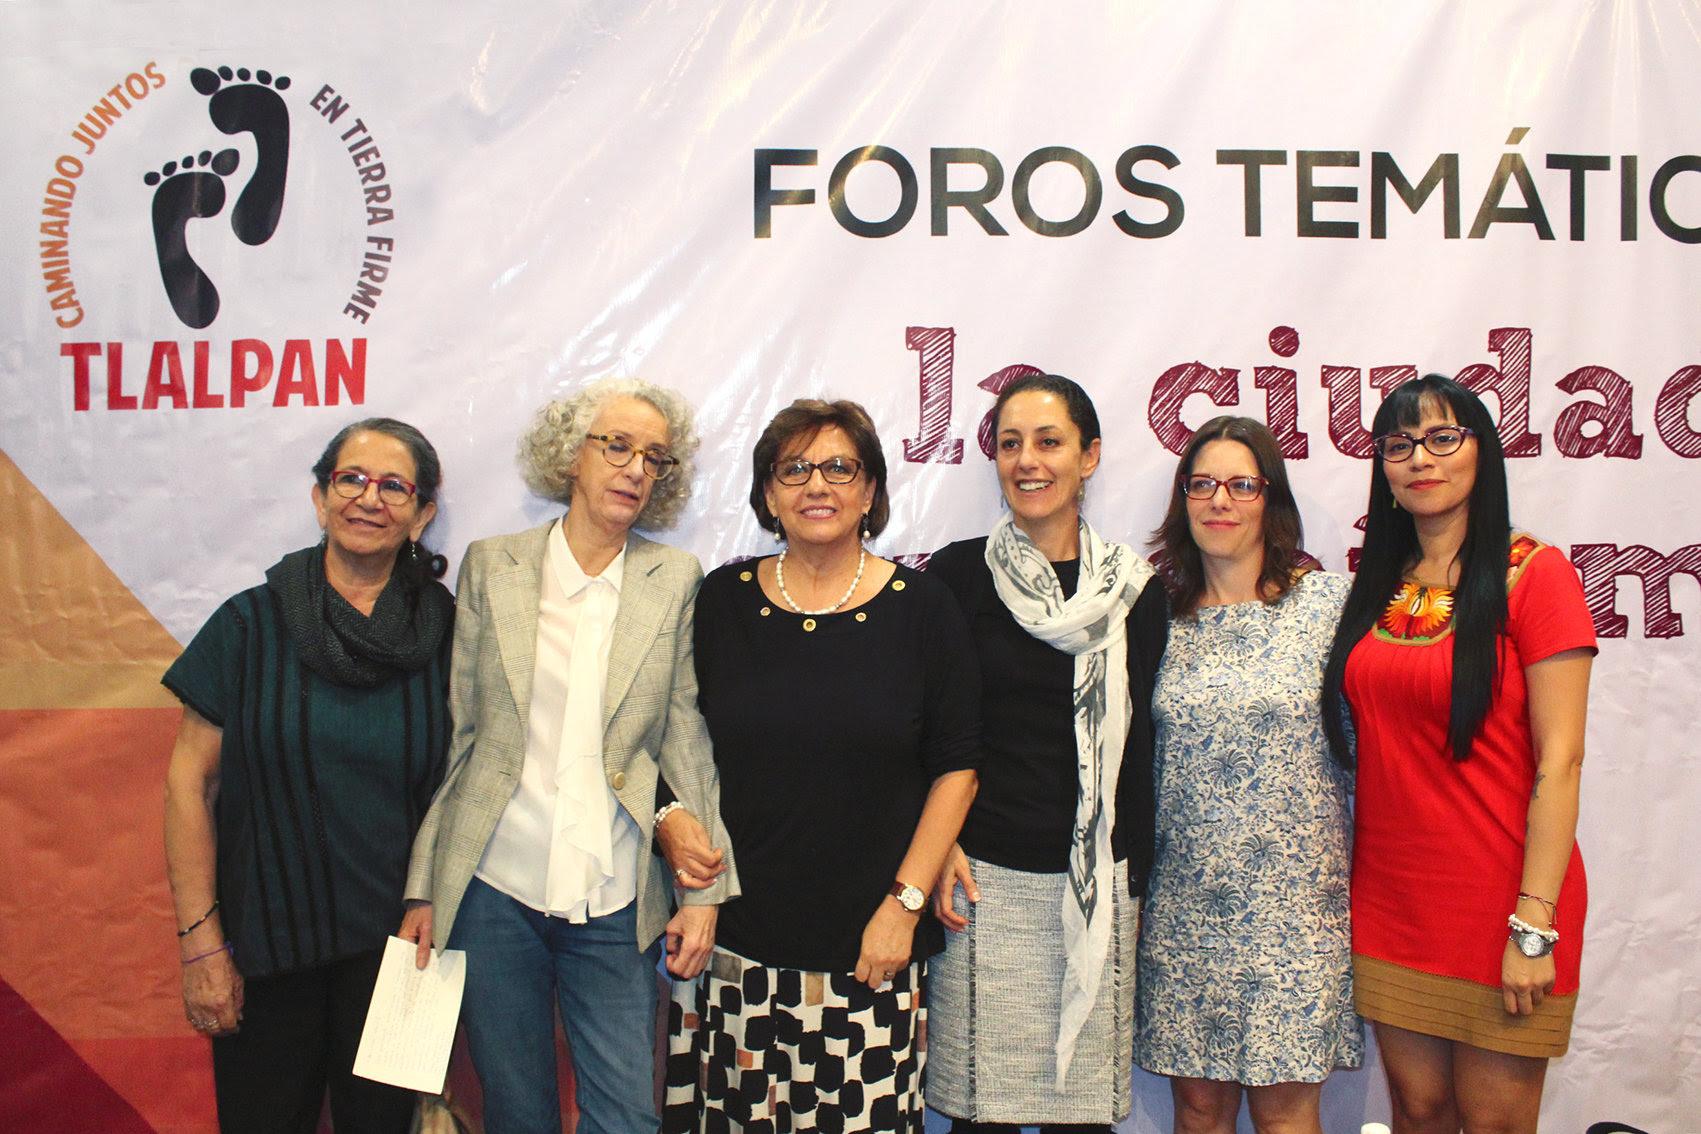 Las mujeres deseamos una ciudad libre de violencia: Claudia Sheinbaum Pardo